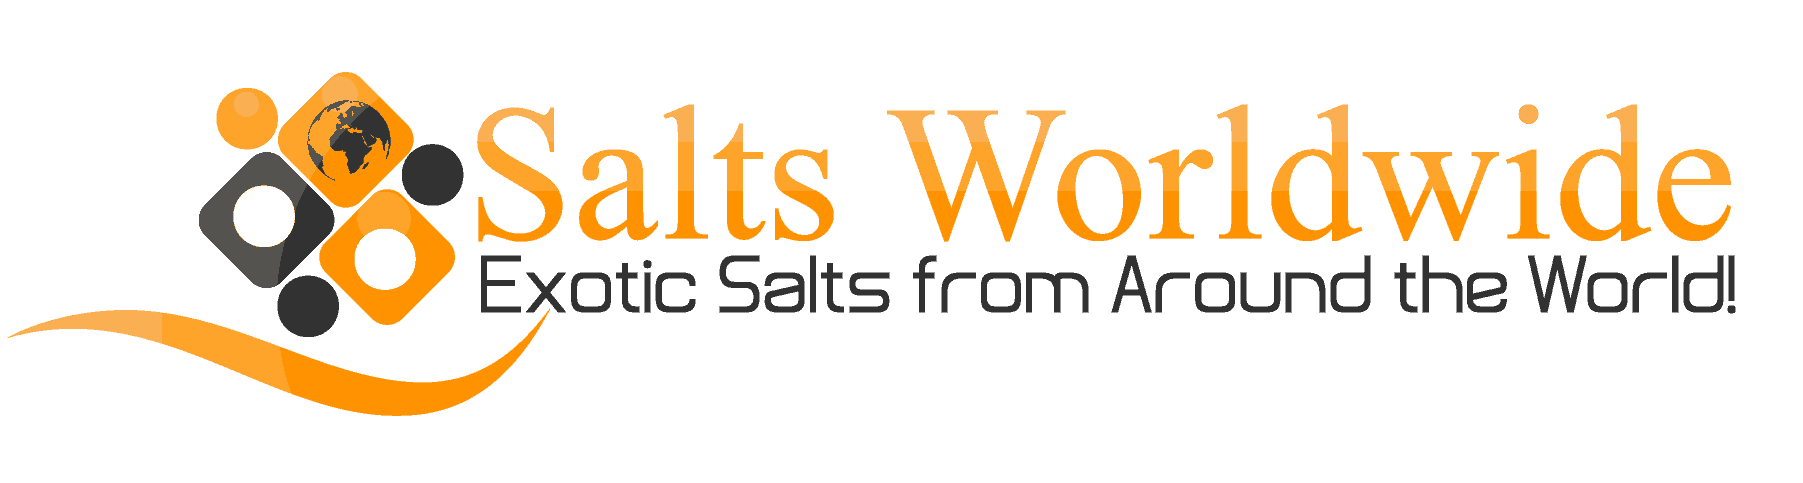 Salts Worldwide